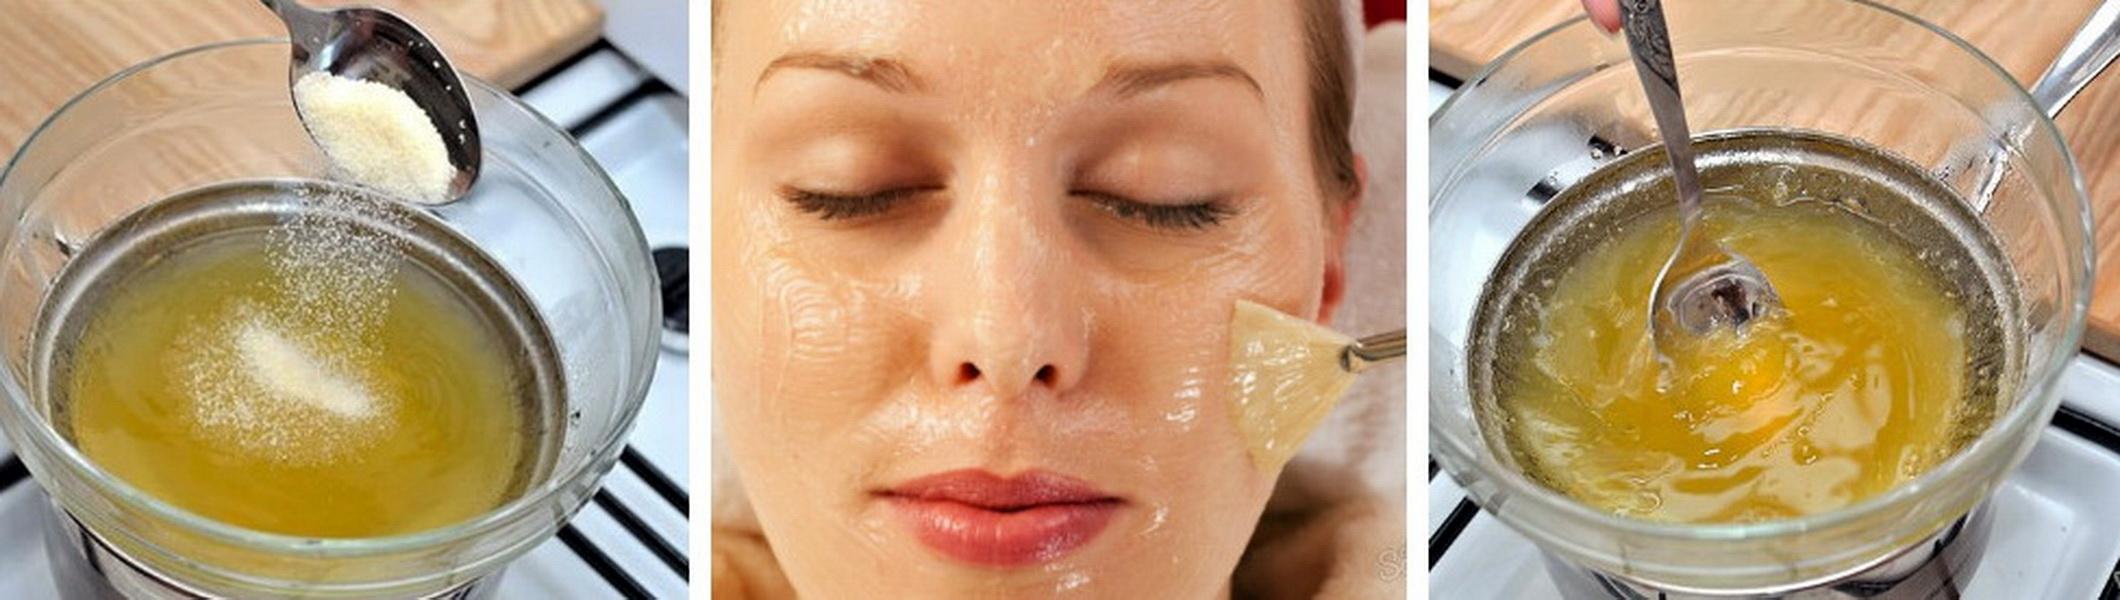 Как дома сделать маску с желатином Маска для лица